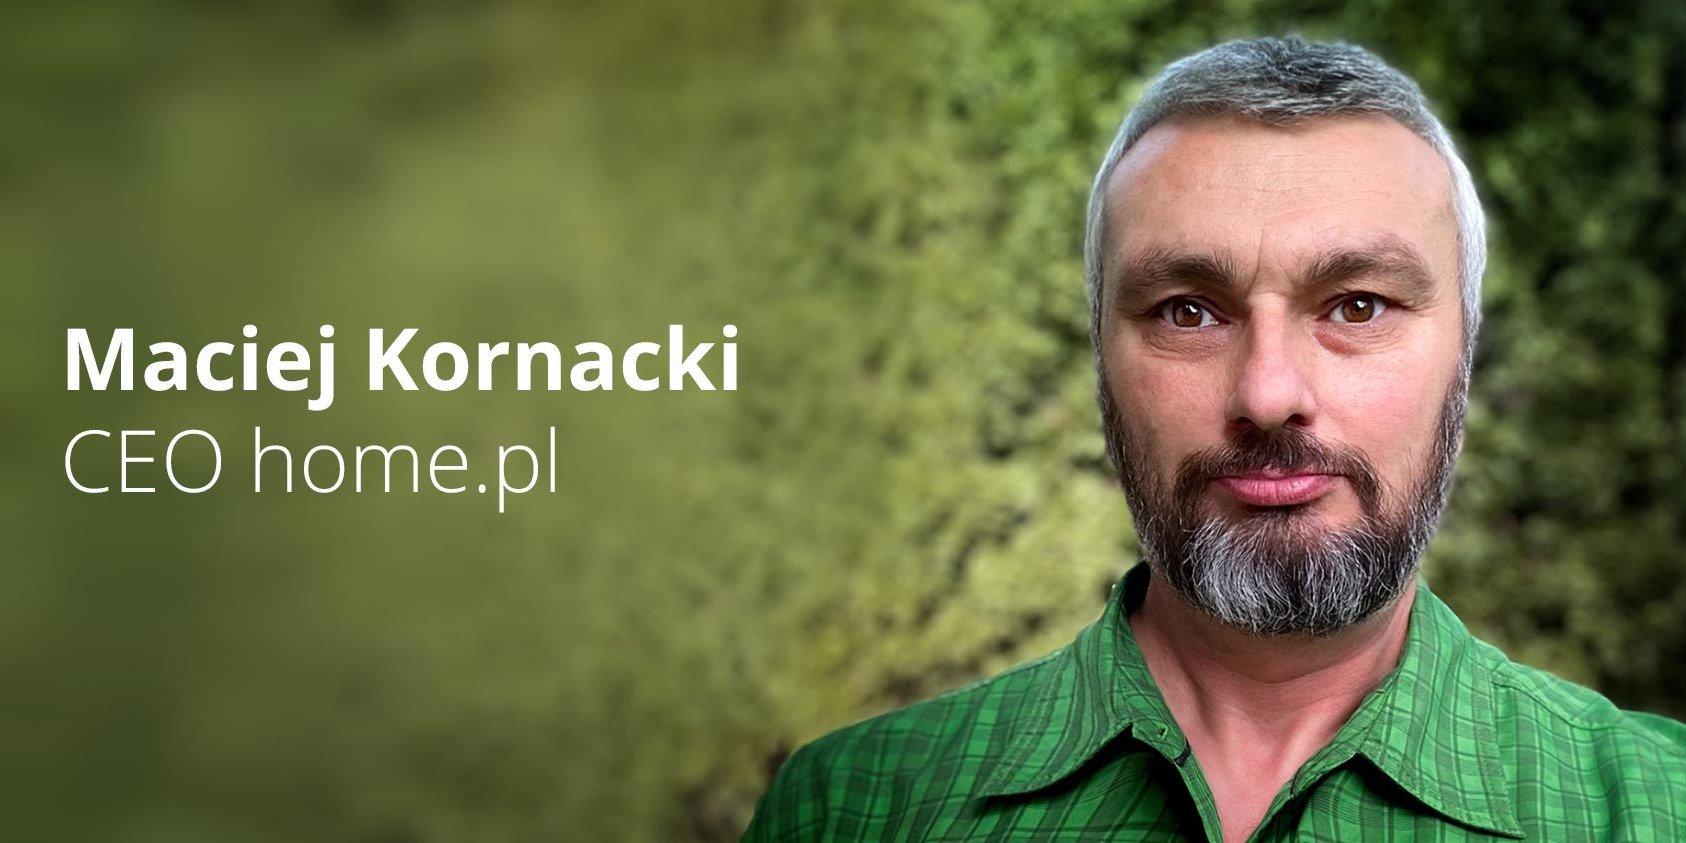 Maciej Kornacki nowym prezesem home.pl